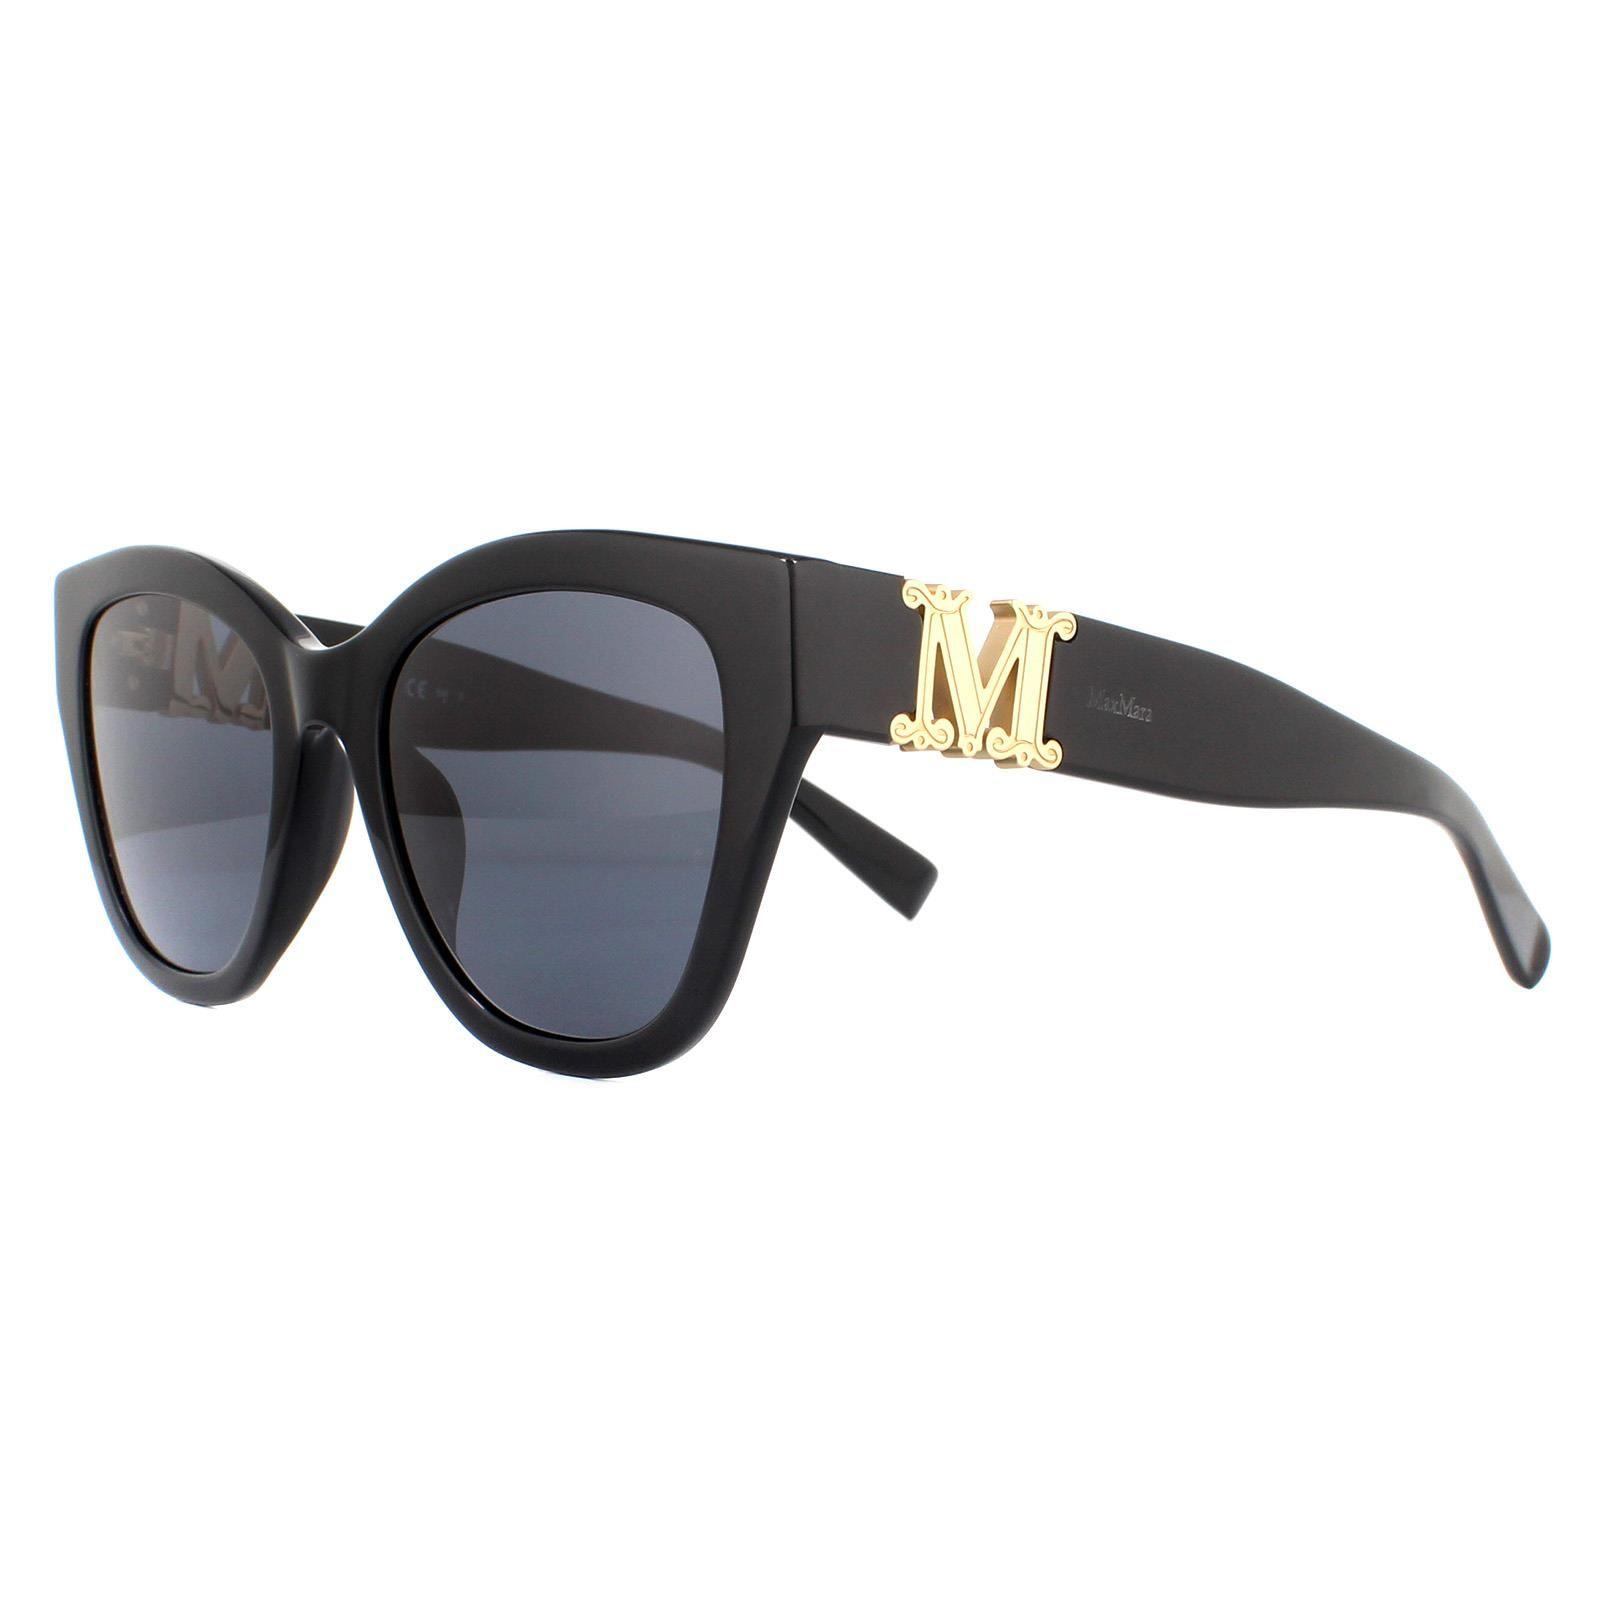 Max Mara Sunglasses Berlin  807 IR Black Grey